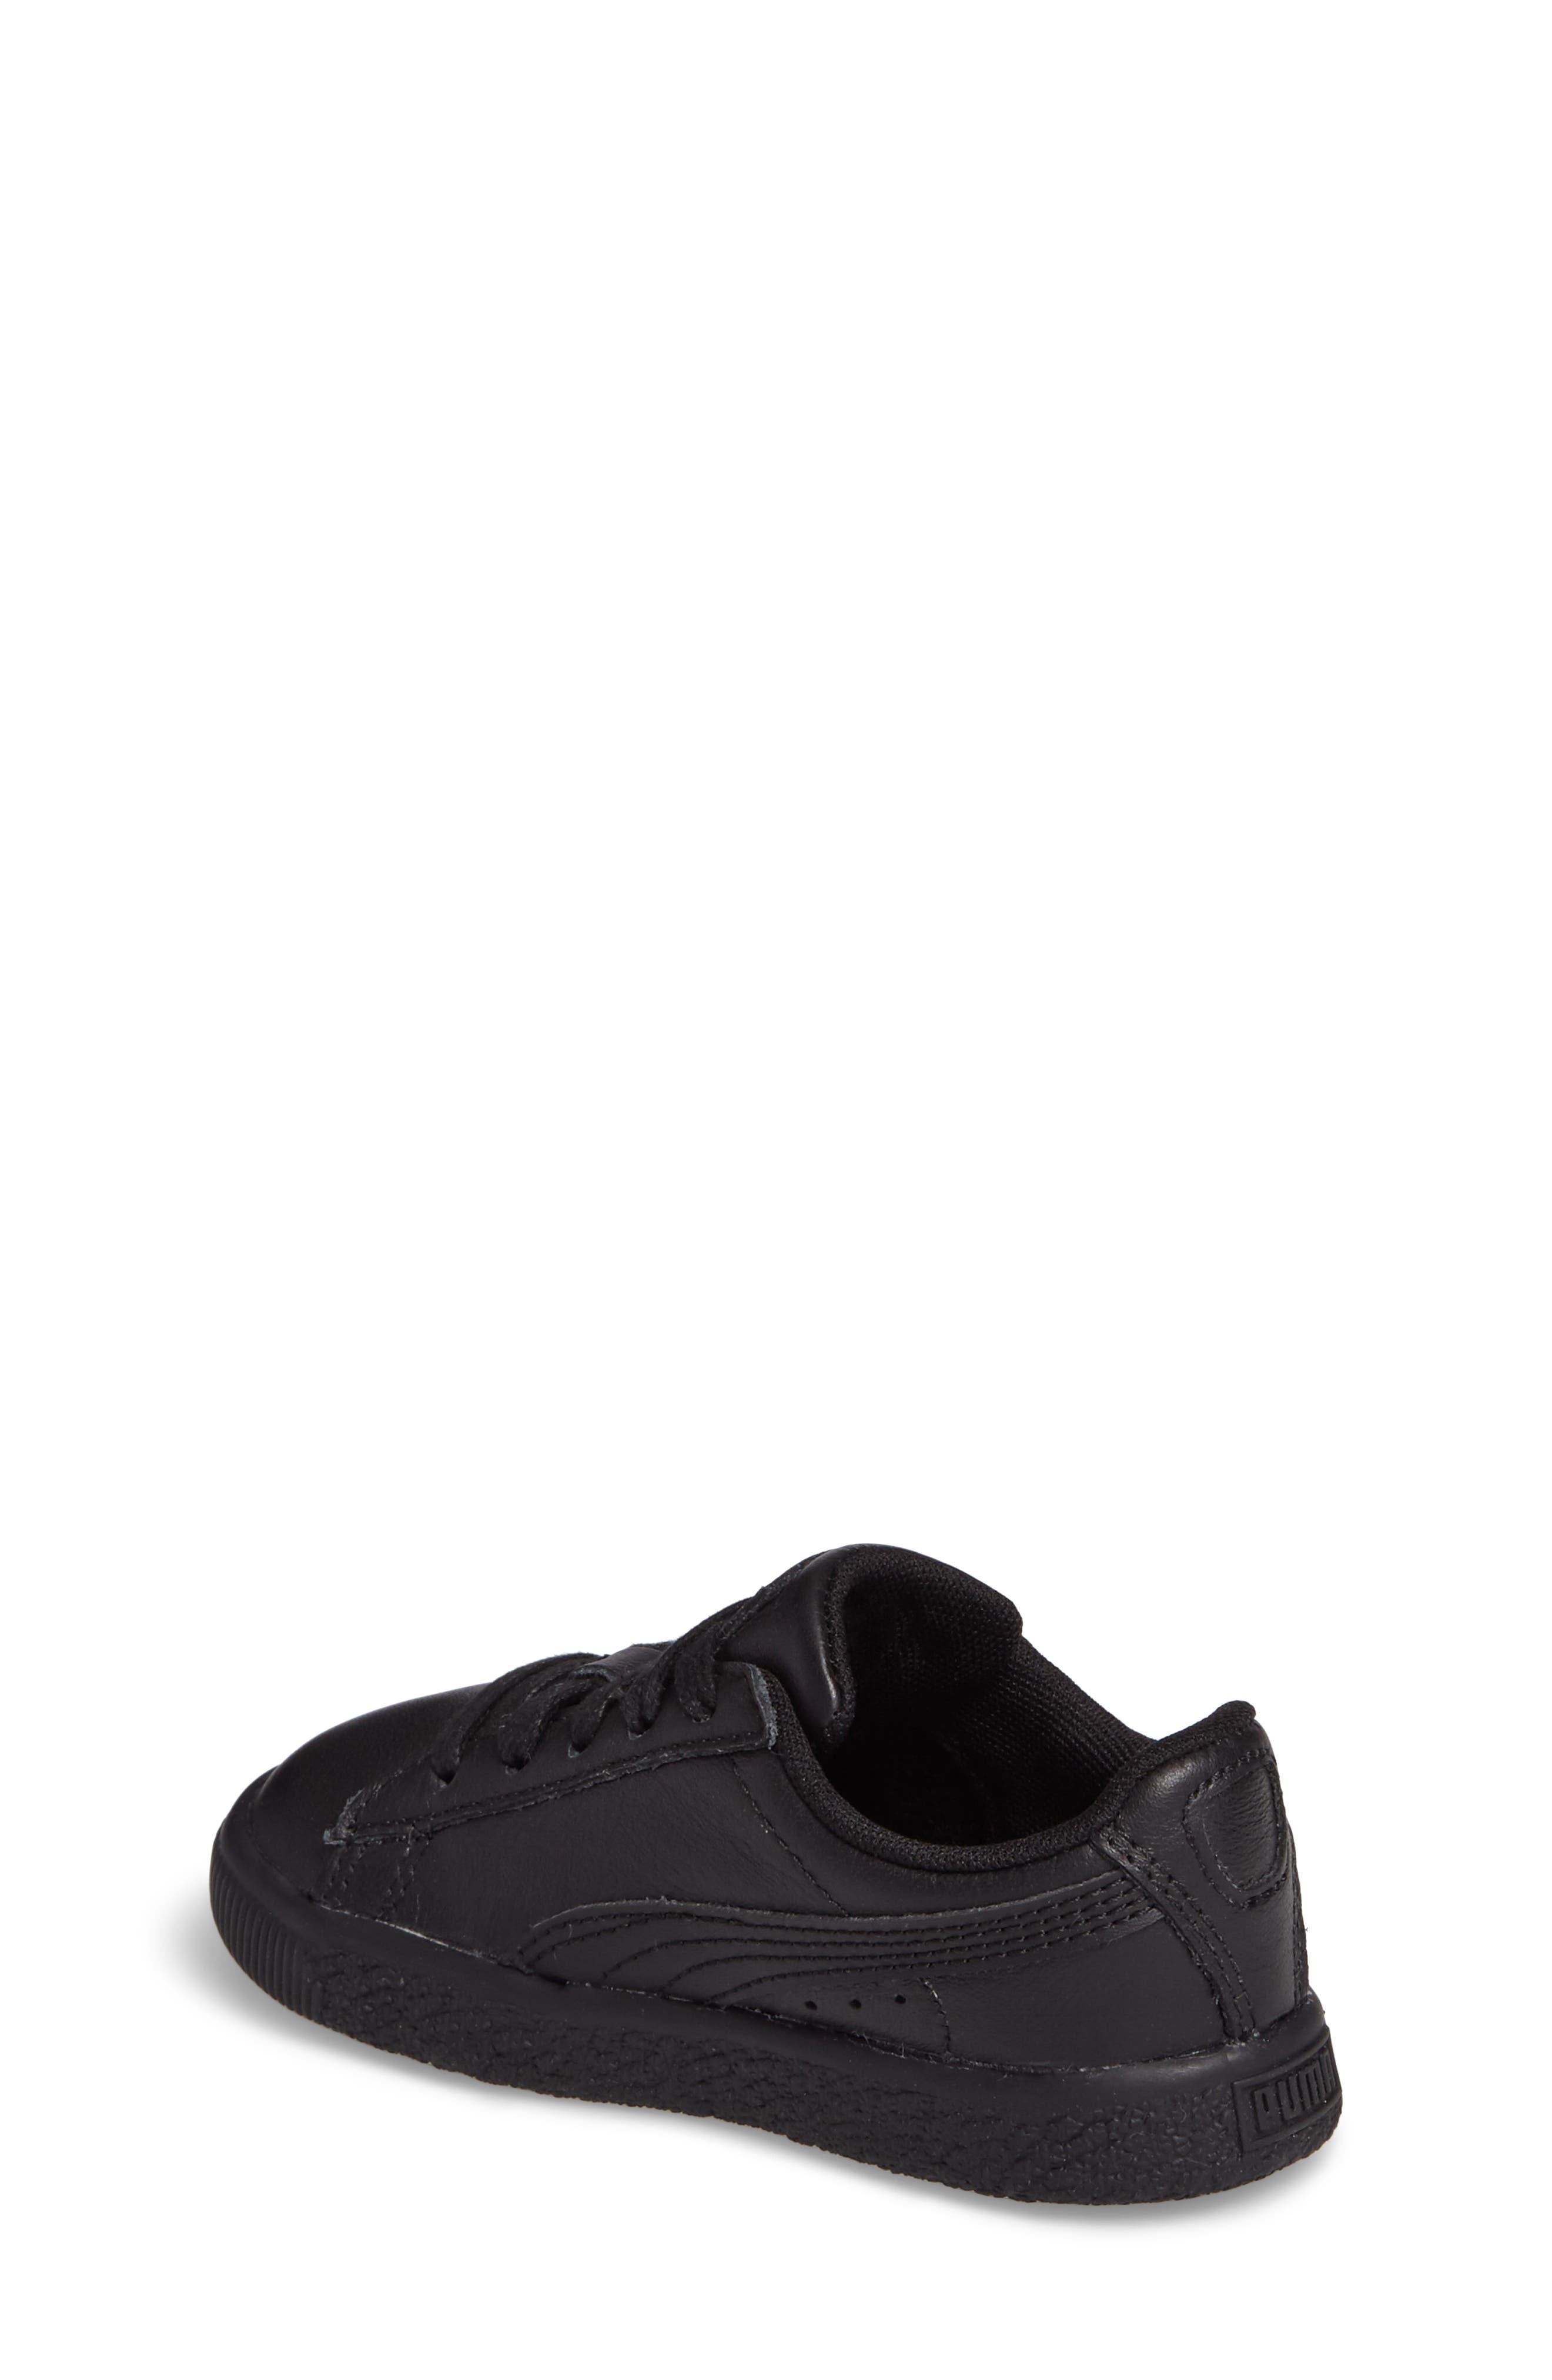 Clyde Core Foil Sneaker,                             Alternate thumbnail 8, color,